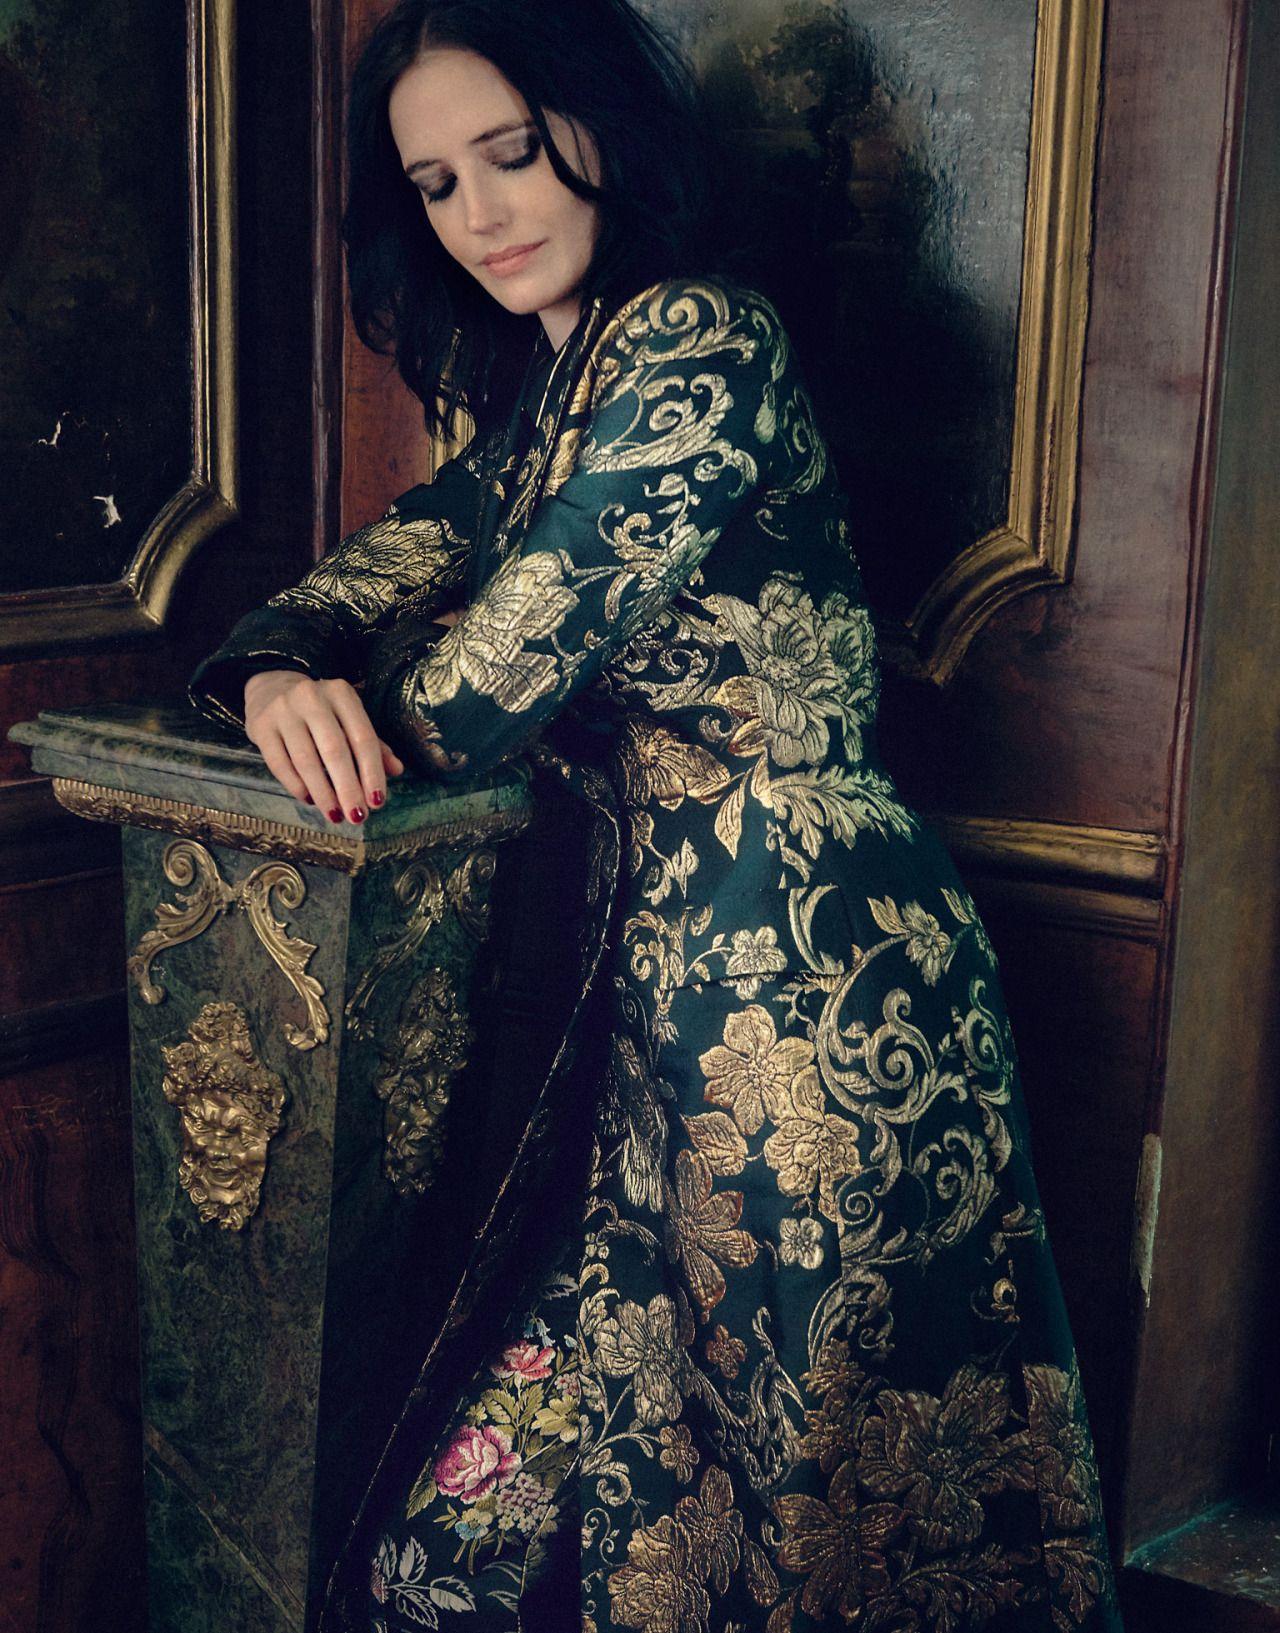 Pin by irina marangozova on eva green eva green actress - Sofia gucci diva ...